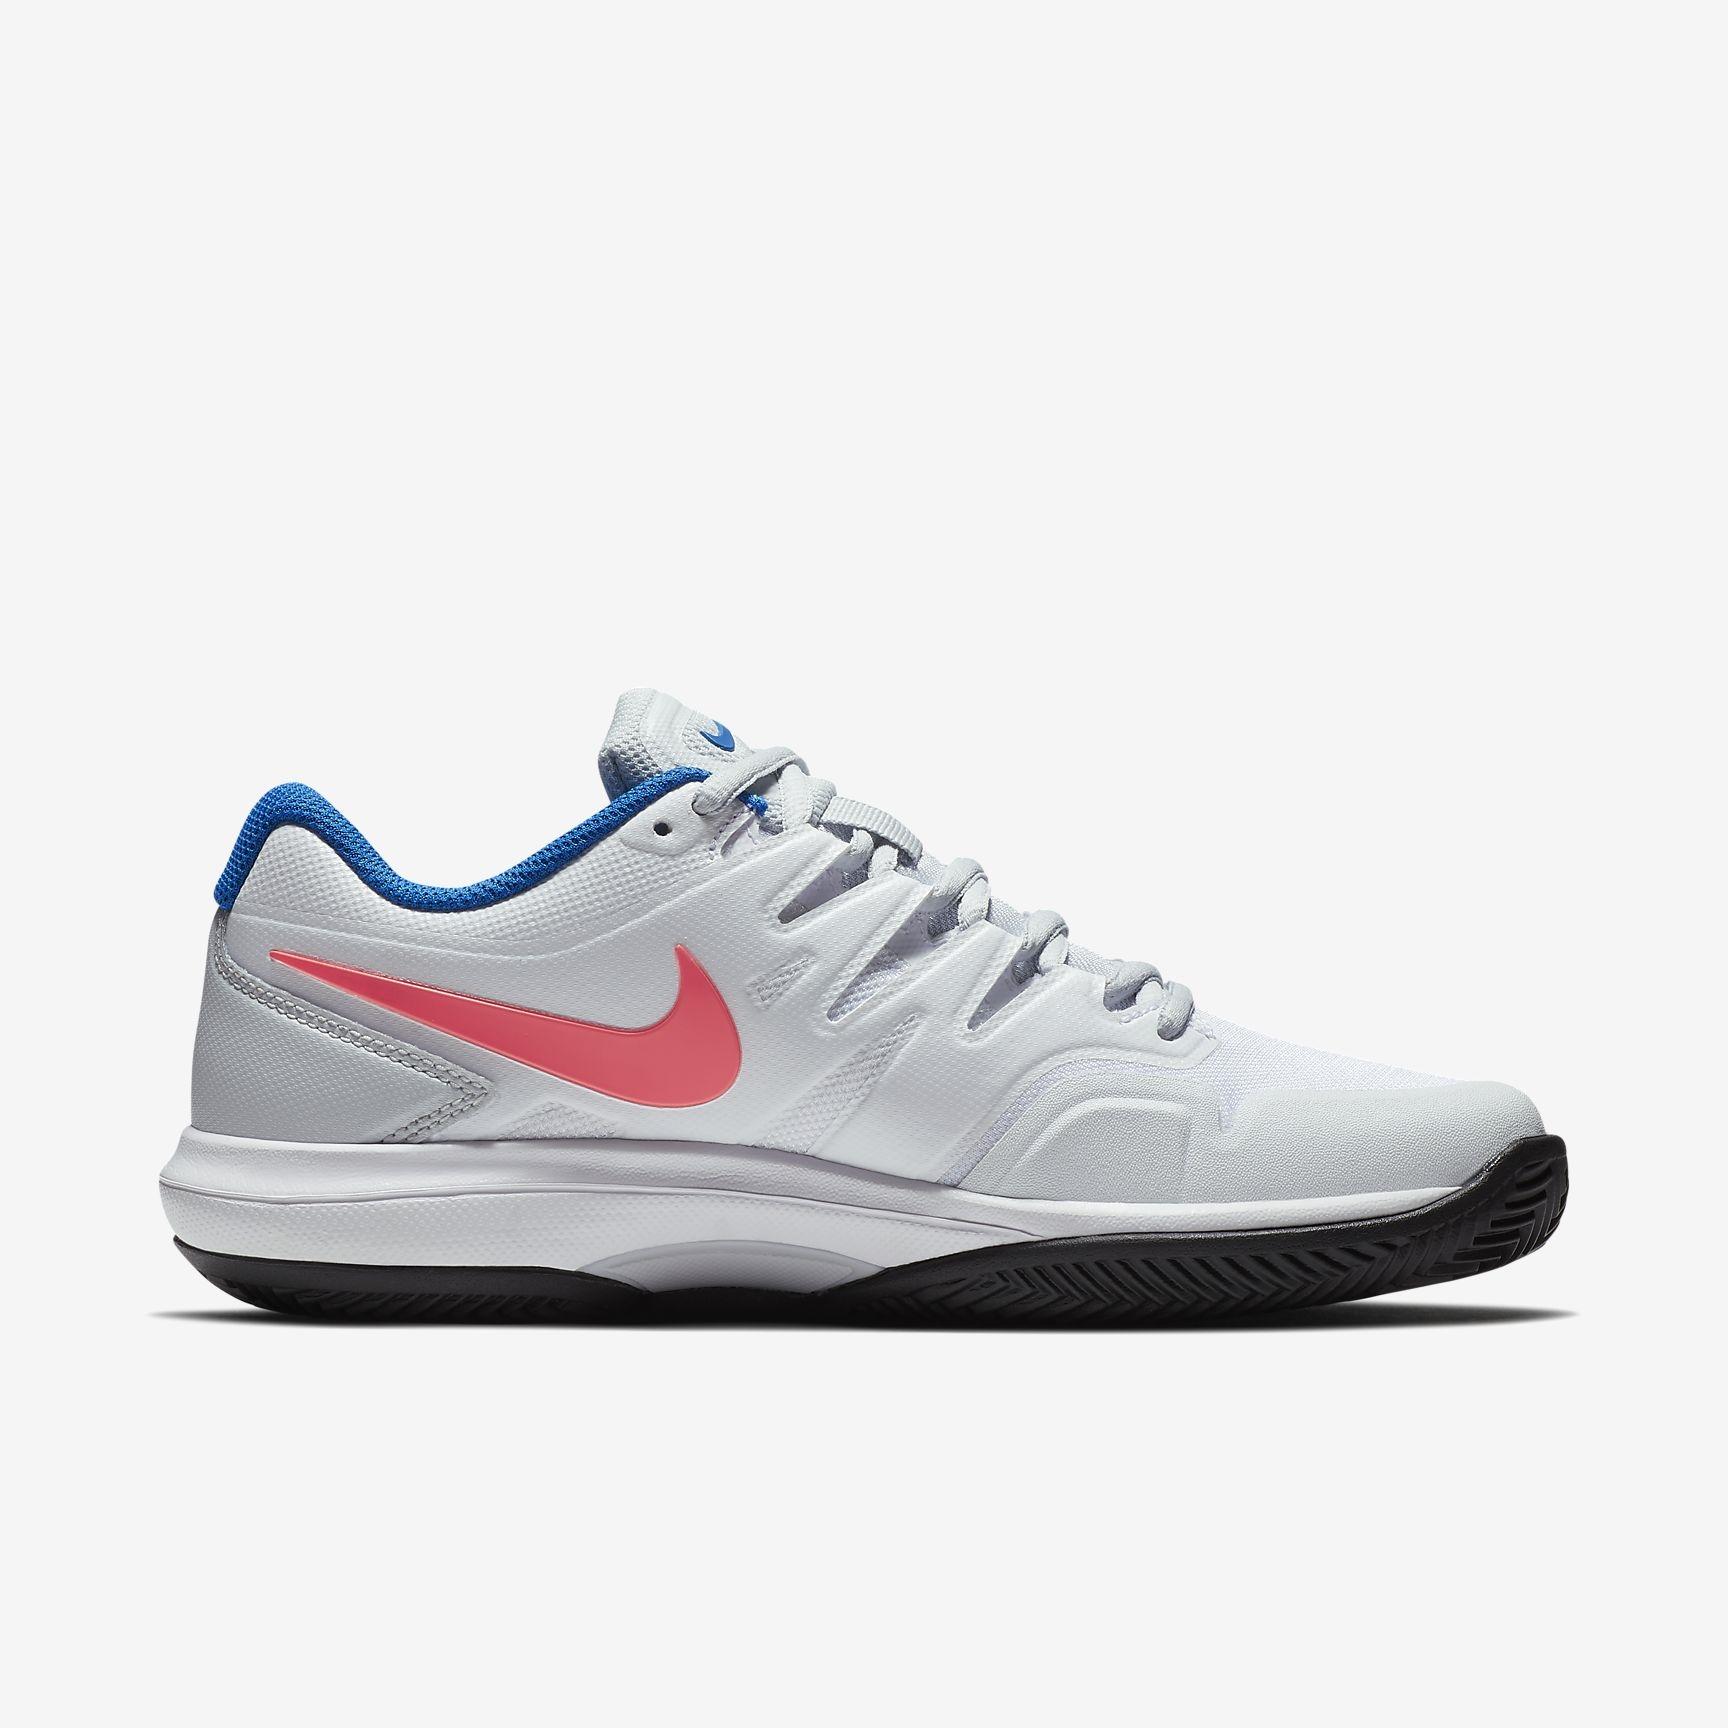 Nike Air Zoom Prestige Women Clay Padel White Hot Lava.  keyboard arrow left. keyboard arrow right 3c42bfd6d9f4d